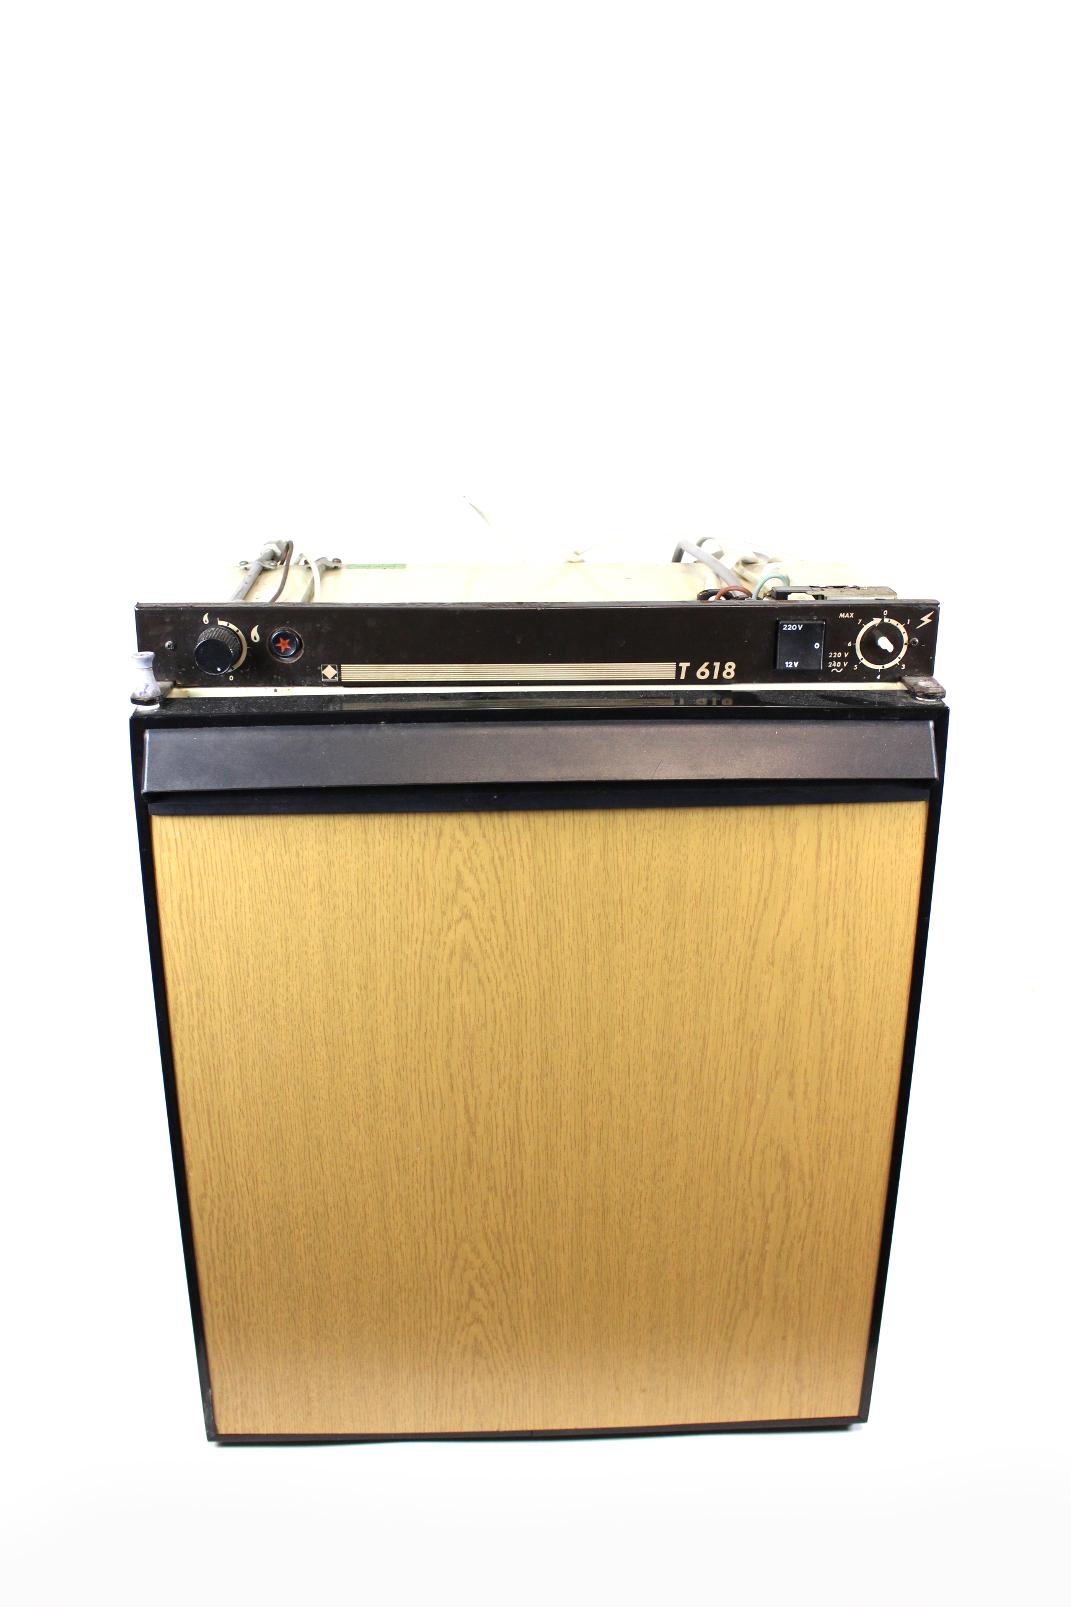 camping gaz t 618 wohnmobil k lschrank 12v 220v gas 51. Black Bedroom Furniture Sets. Home Design Ideas